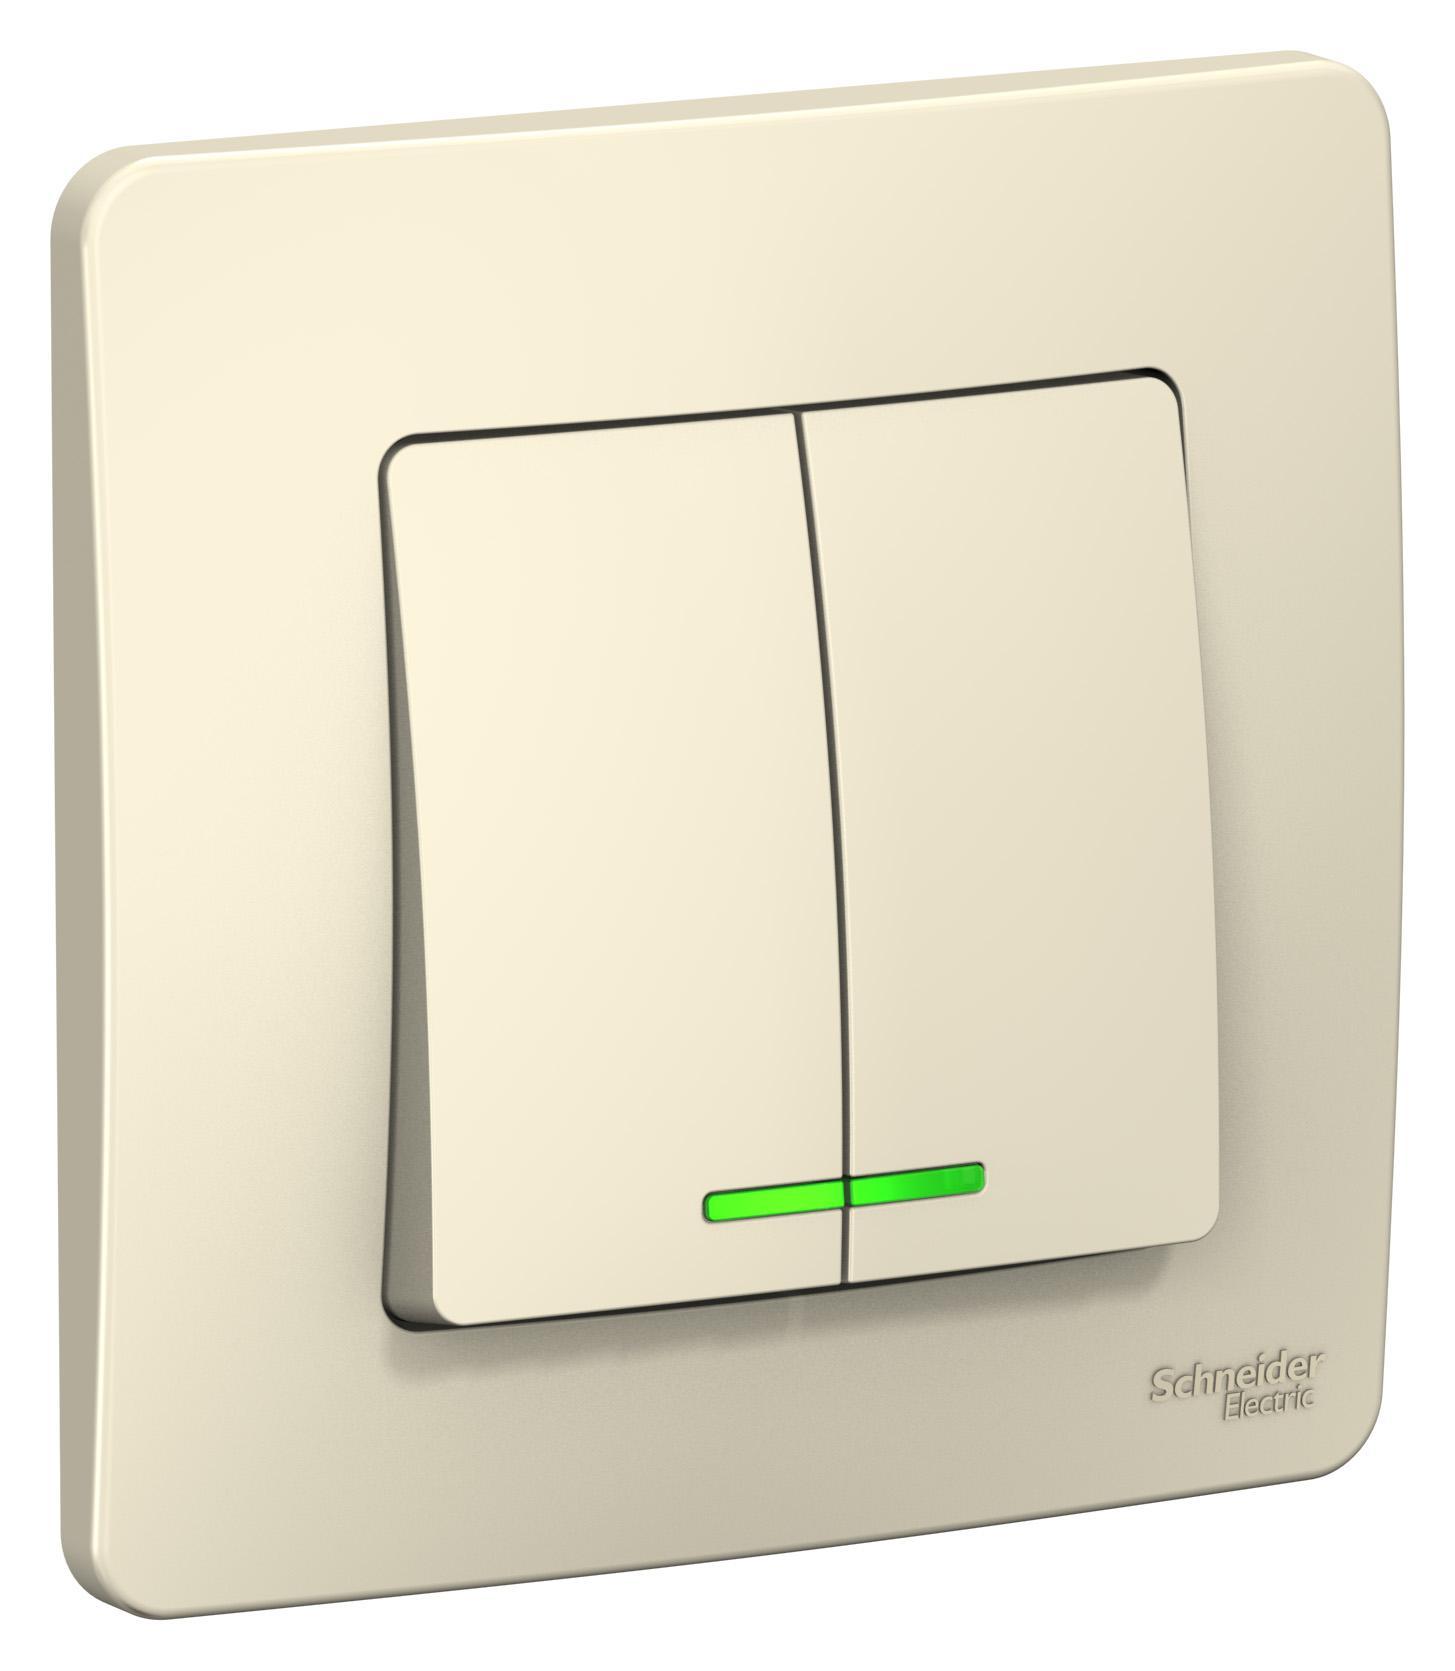 Выключатель Schneider electric Blnvs010512 blanca выключатель schneider electric blnva101013 blanca